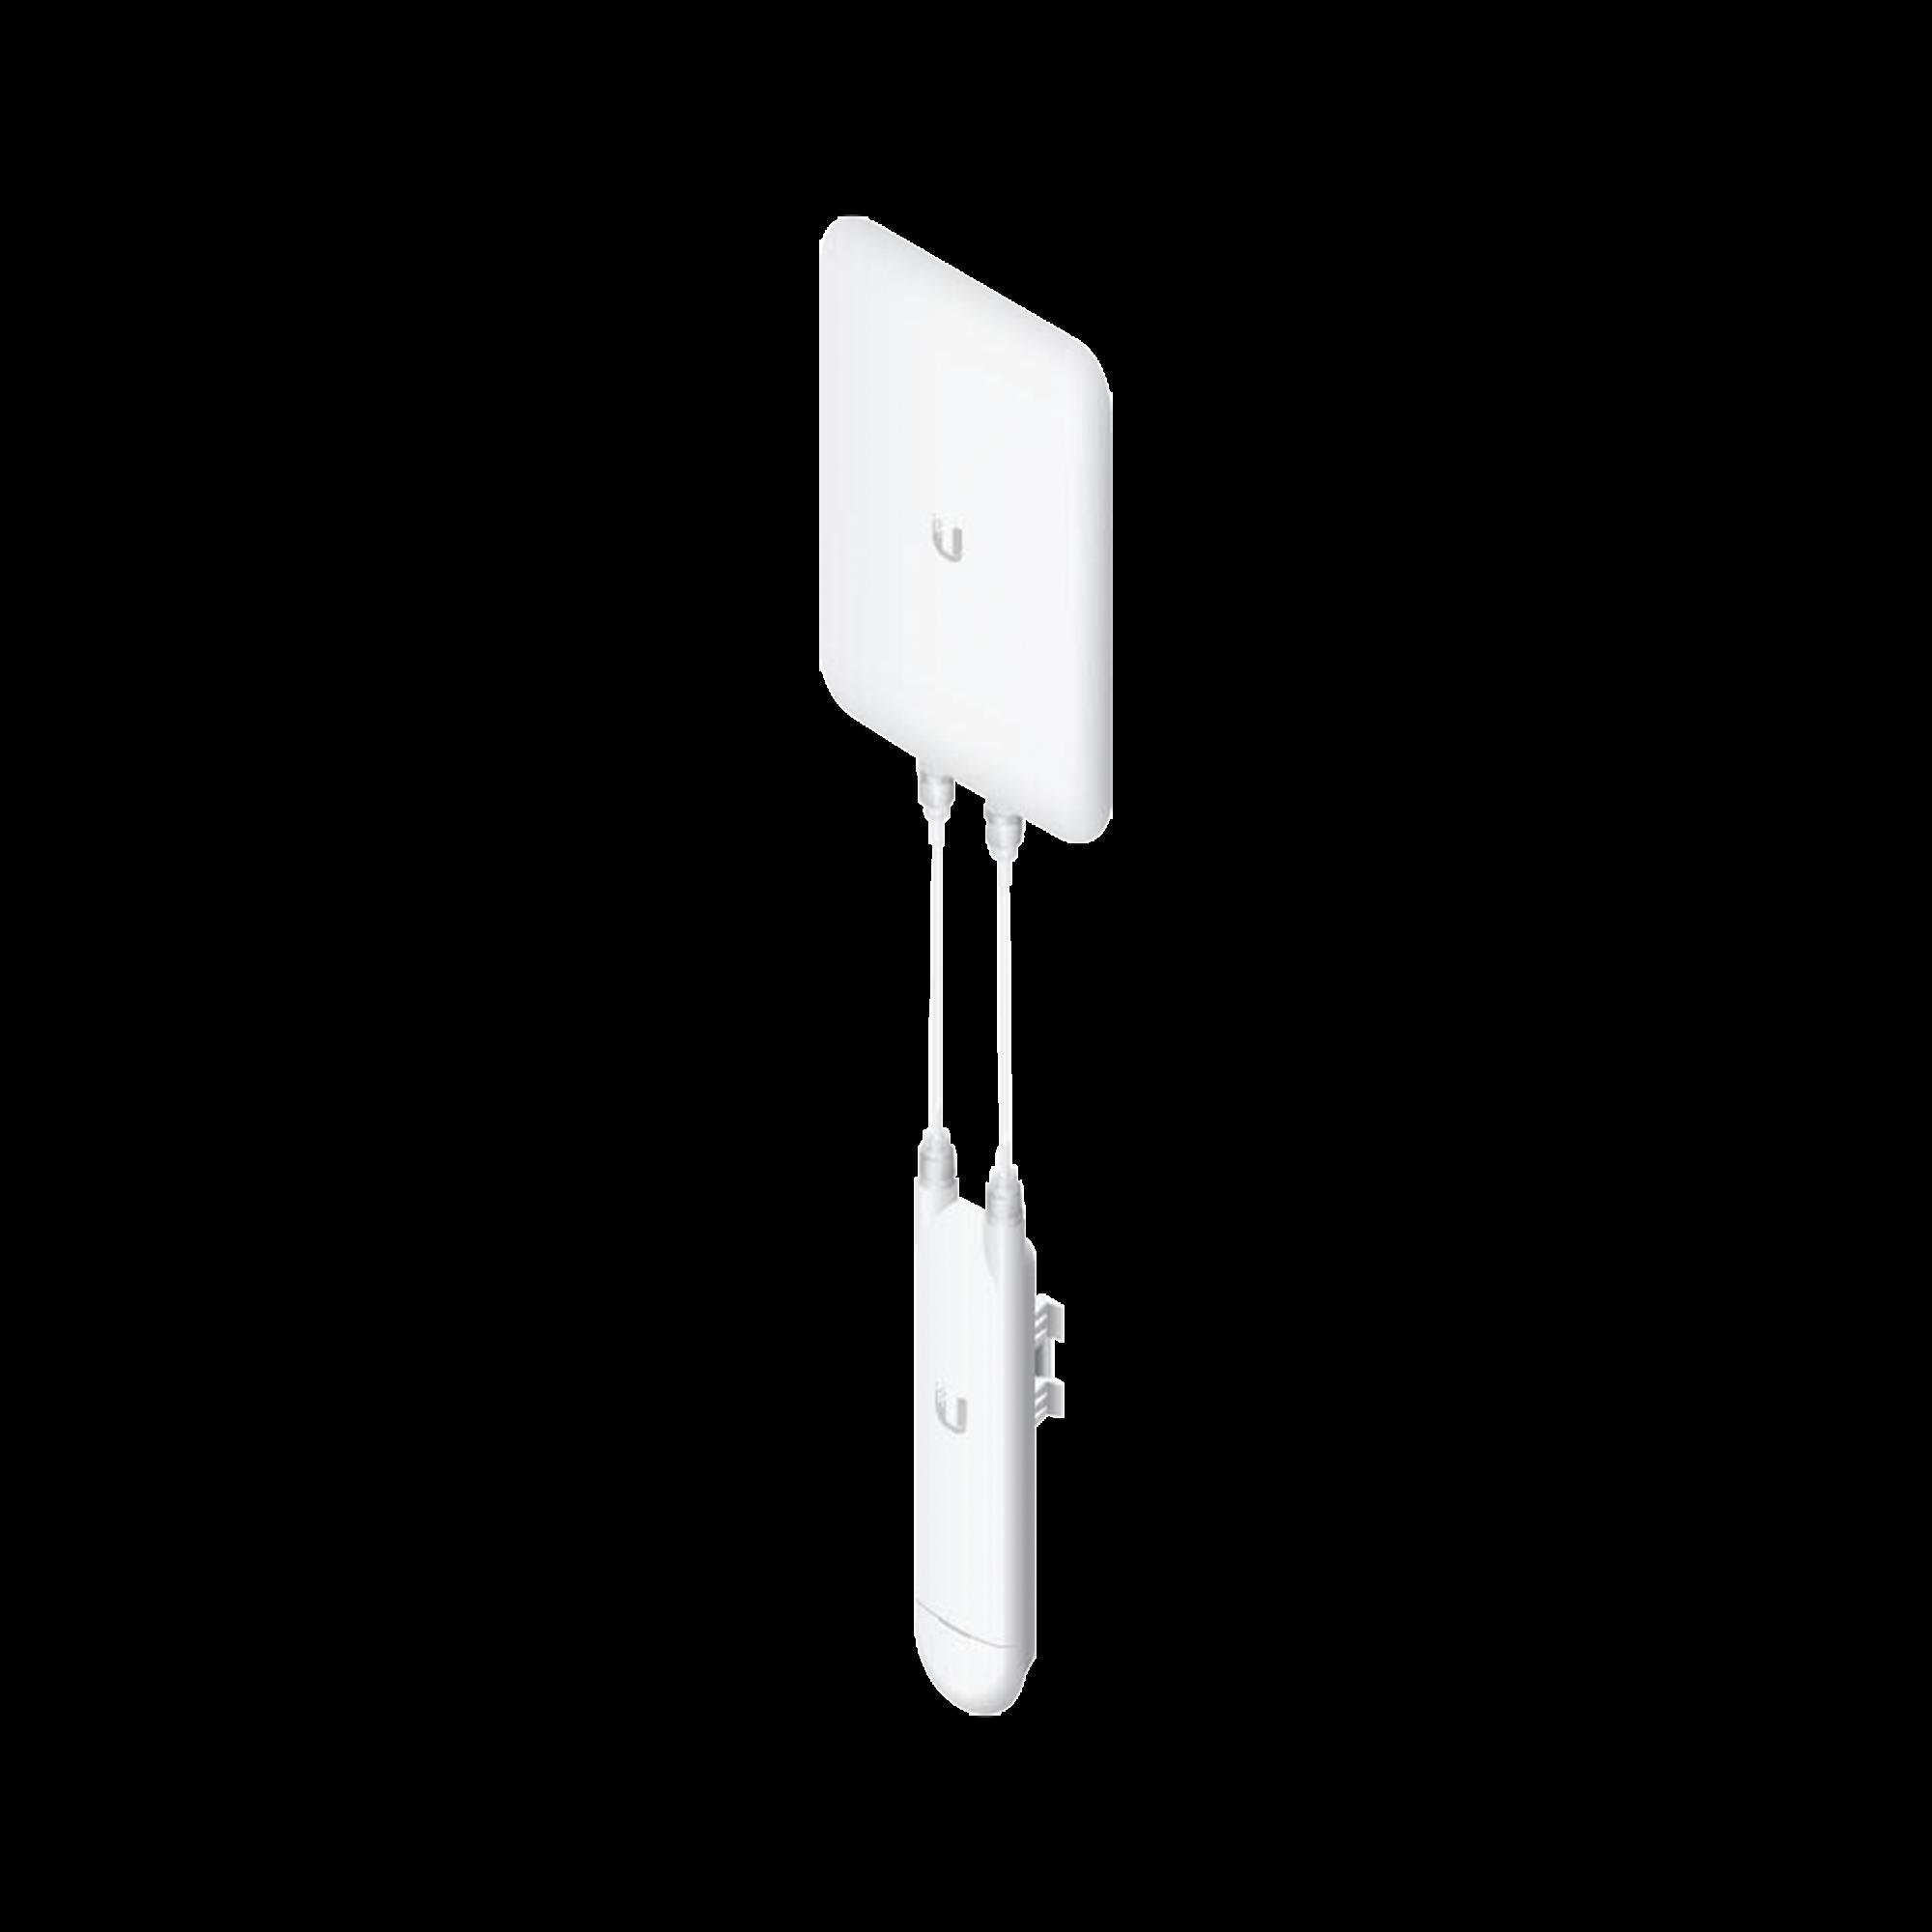 Access Point UniFi MESH con antena sectorial de 90? 802.11ac MIMO 2X2, hasta 100 usuarios.